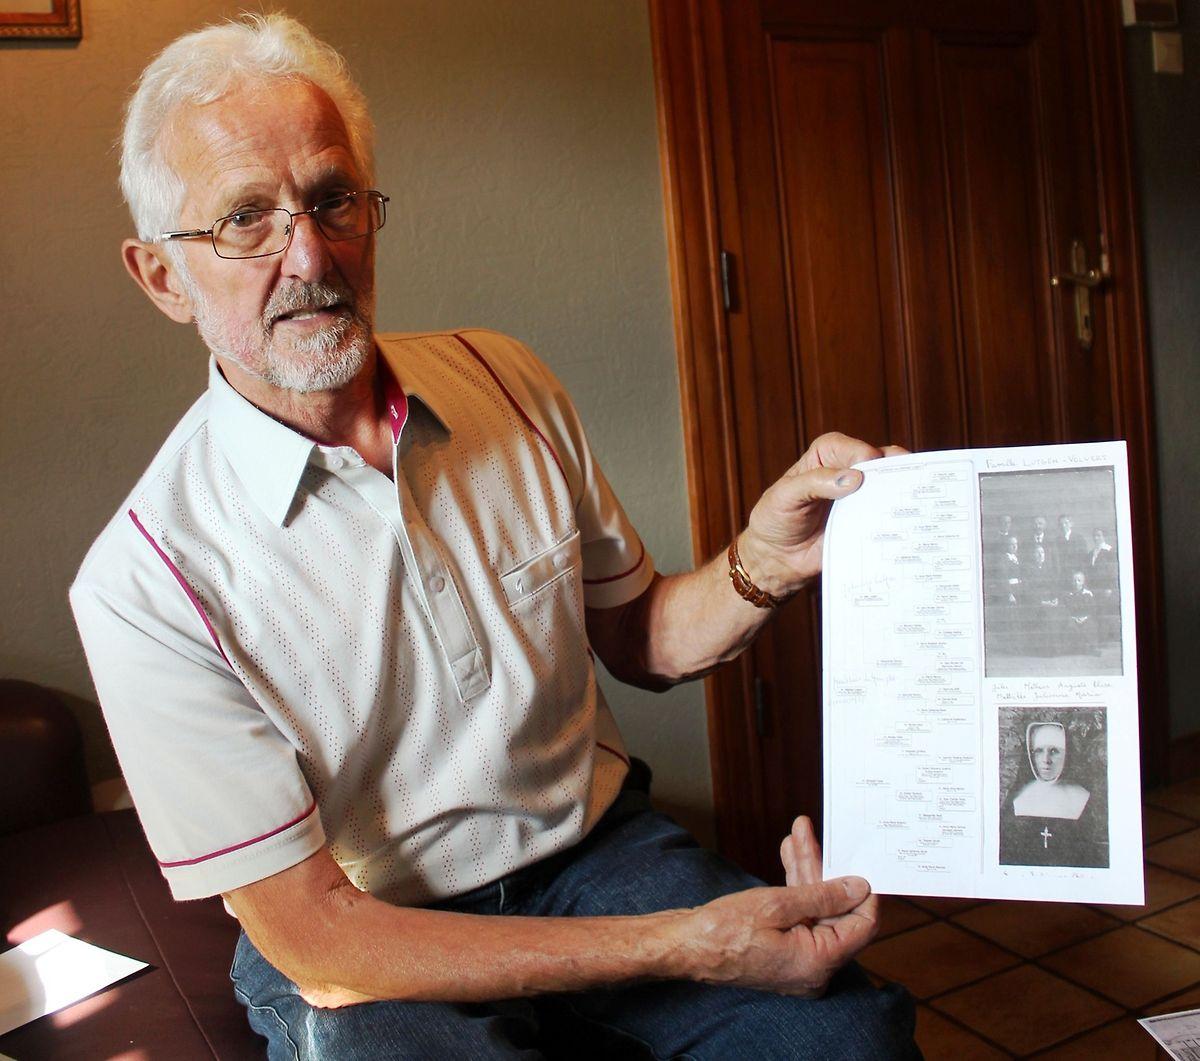 Une success-story qui fait la fierté de sa famille grand-ducale. Raymond Poos, 76 ans, de Harlange, cousin de Guy Lutgen. Il a accueilli favorablement son projet de  recouvrement de la nationalité luxembourgeoise.